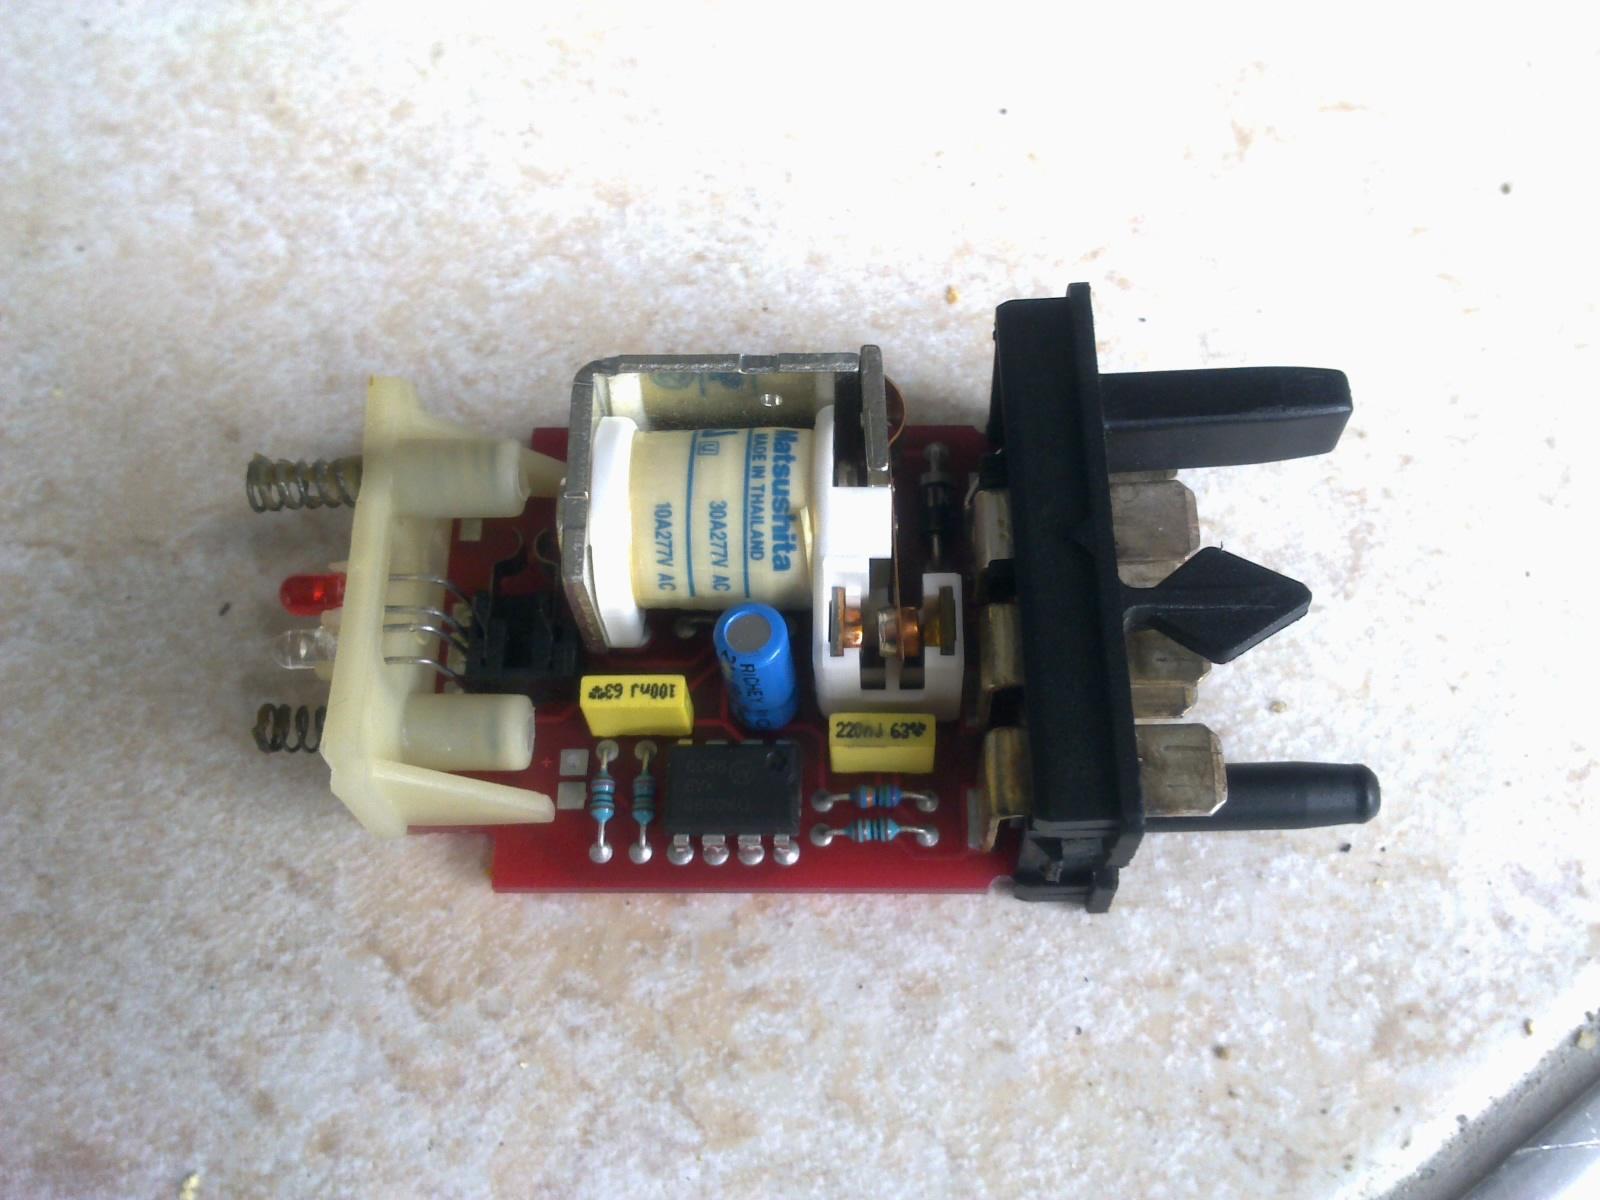 Electronic components tya0298 buy tya0298,integrated circuit.